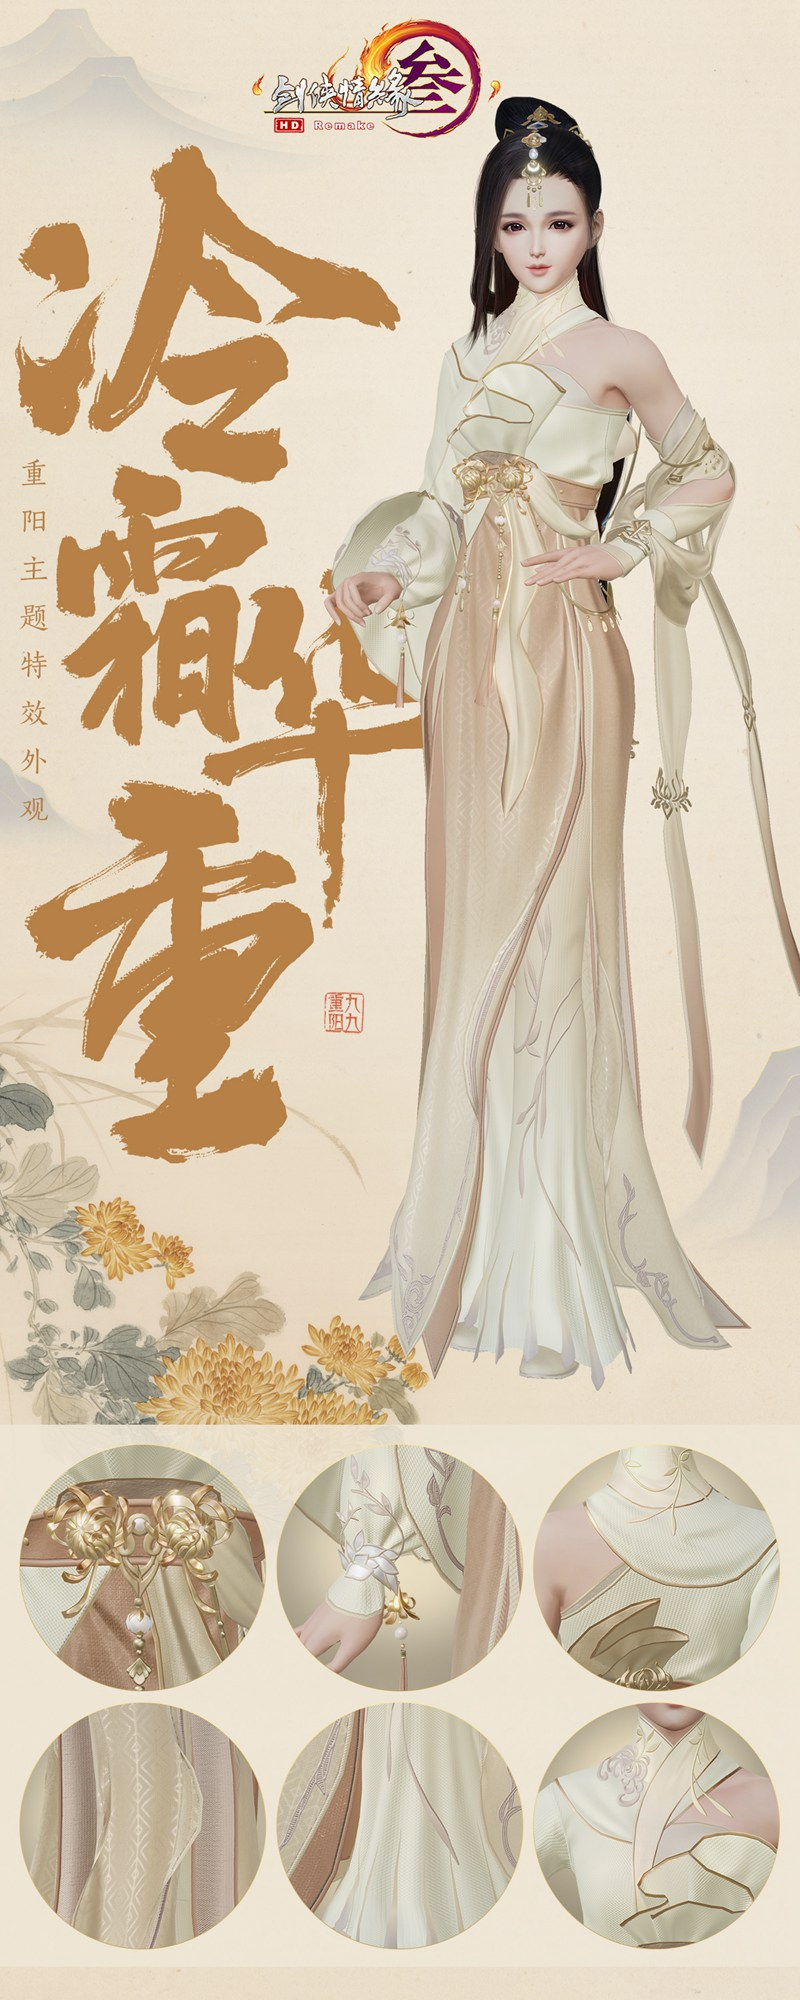 《剑网3》重阳特效外装今日首曝 萌狐挂宠毛绒升级